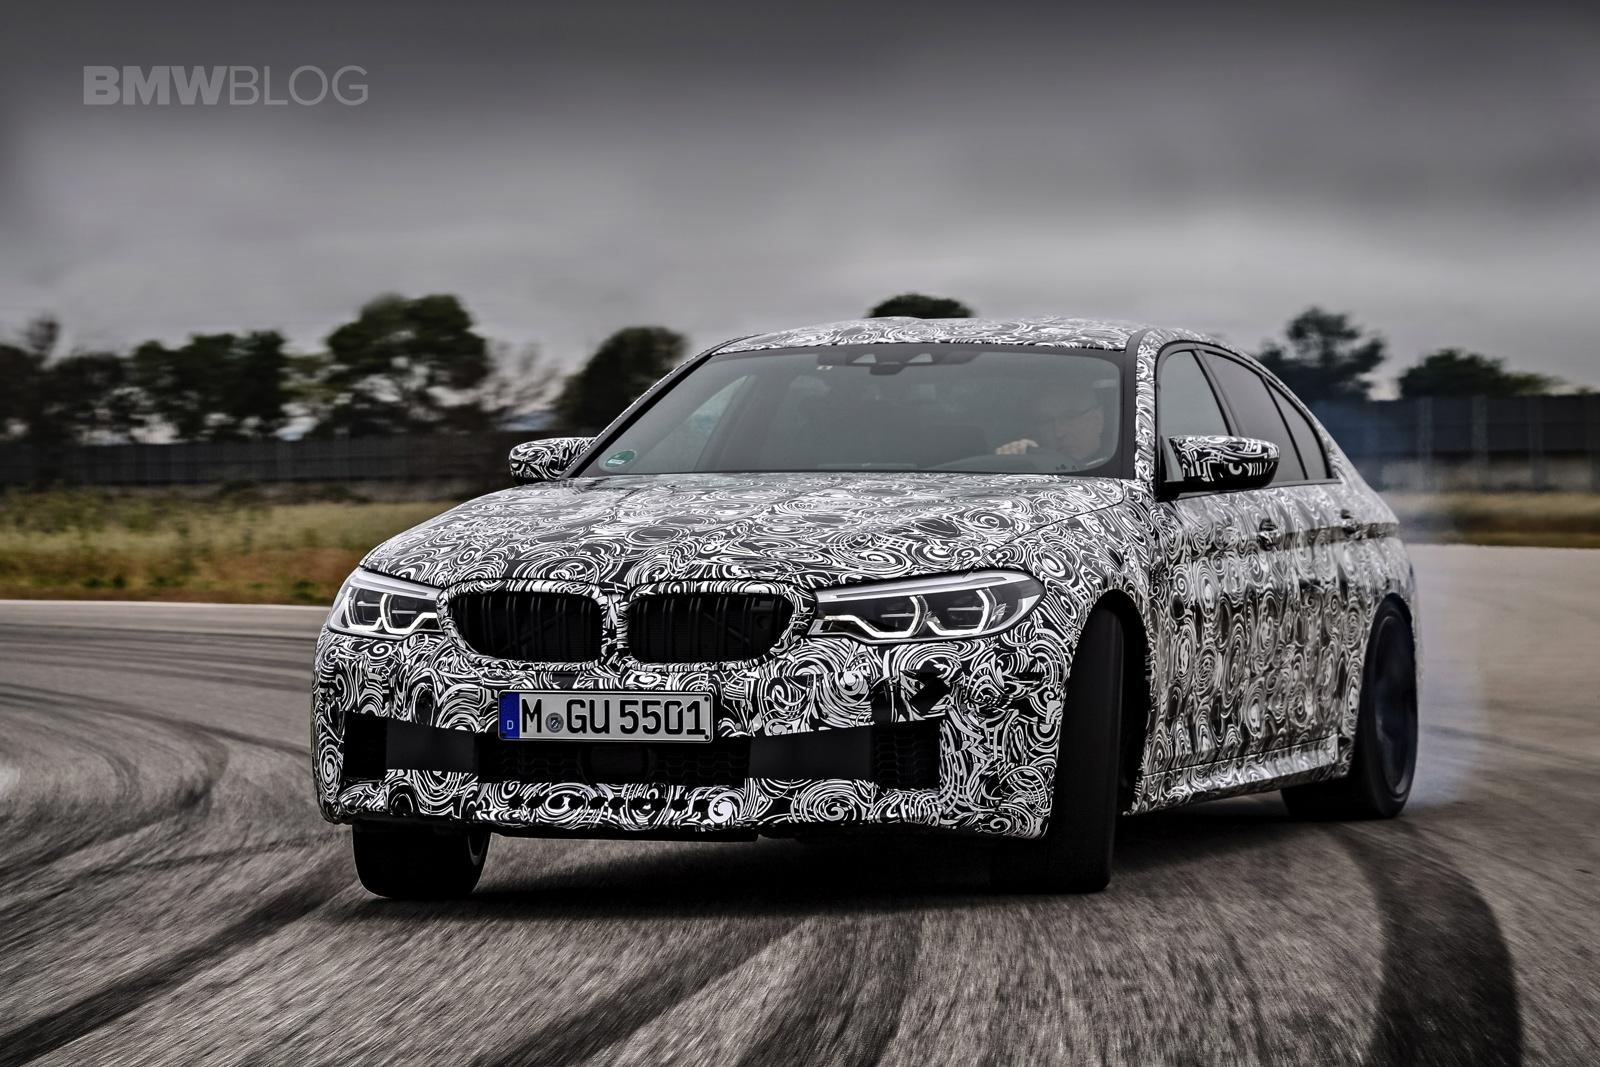 2018 BMW M5 pre production drive 69